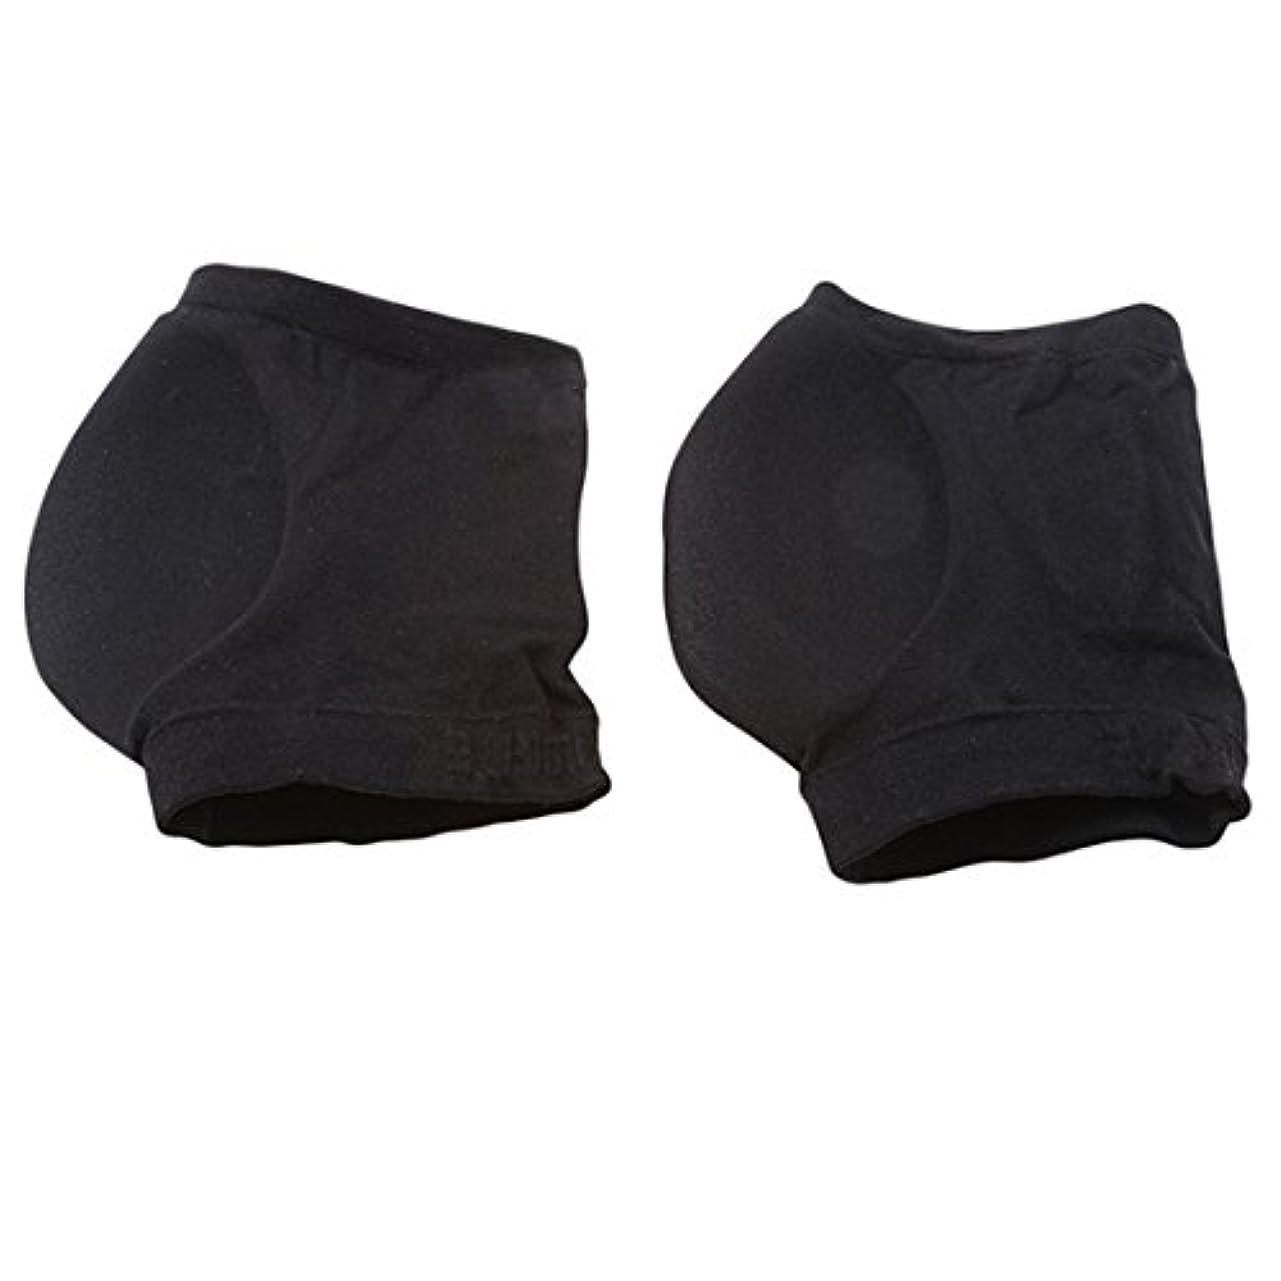 チャーター製造業誤解するKLUMA 靴下 かかと ソックス 角質ケア うるおい 保湿 角質除去 足ケア レディース メンズ